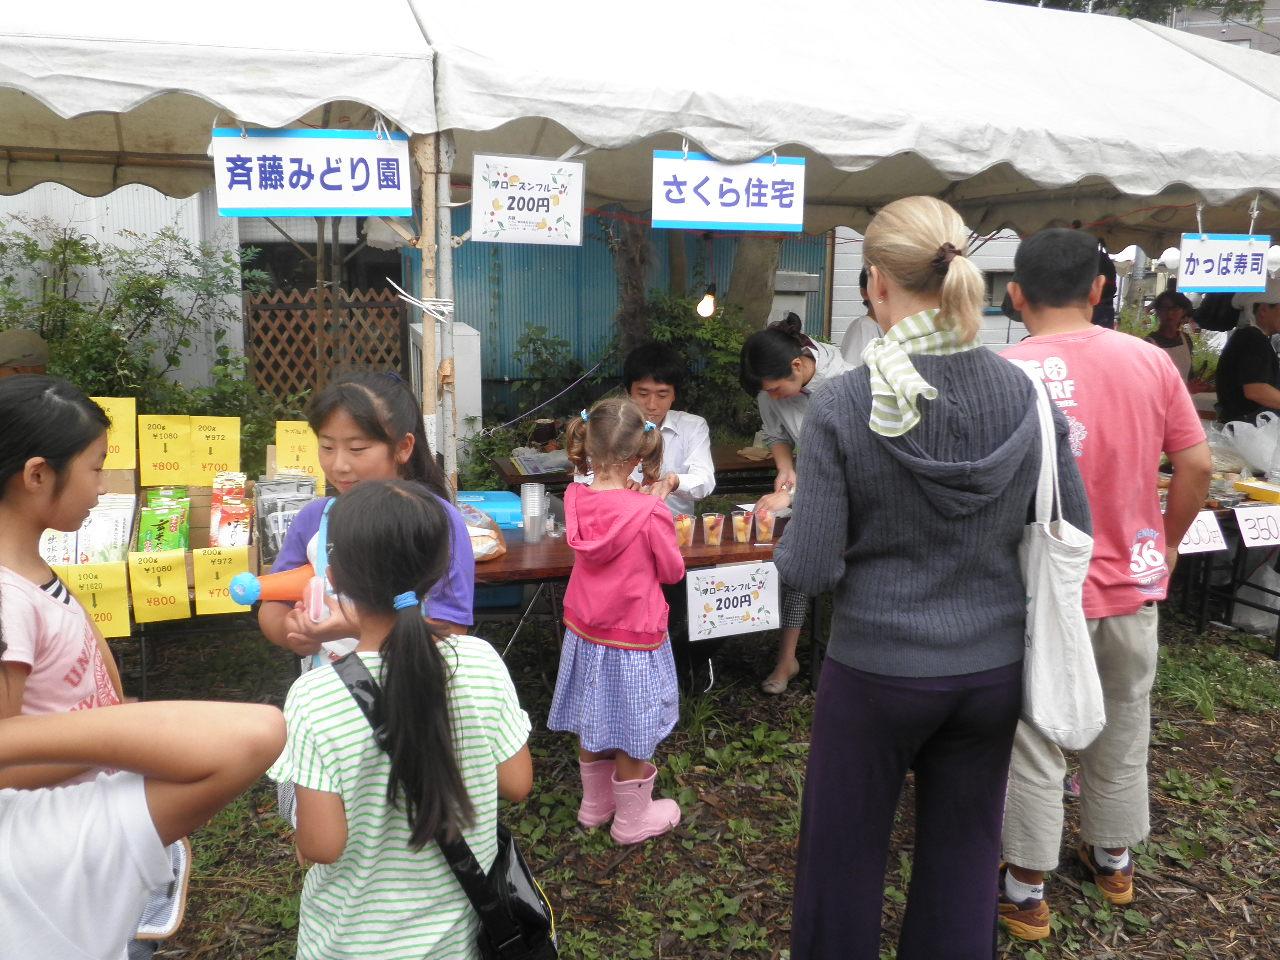 東逗子ふれあい市場  ~七夕まつり~_e0190287_17255724.jpg